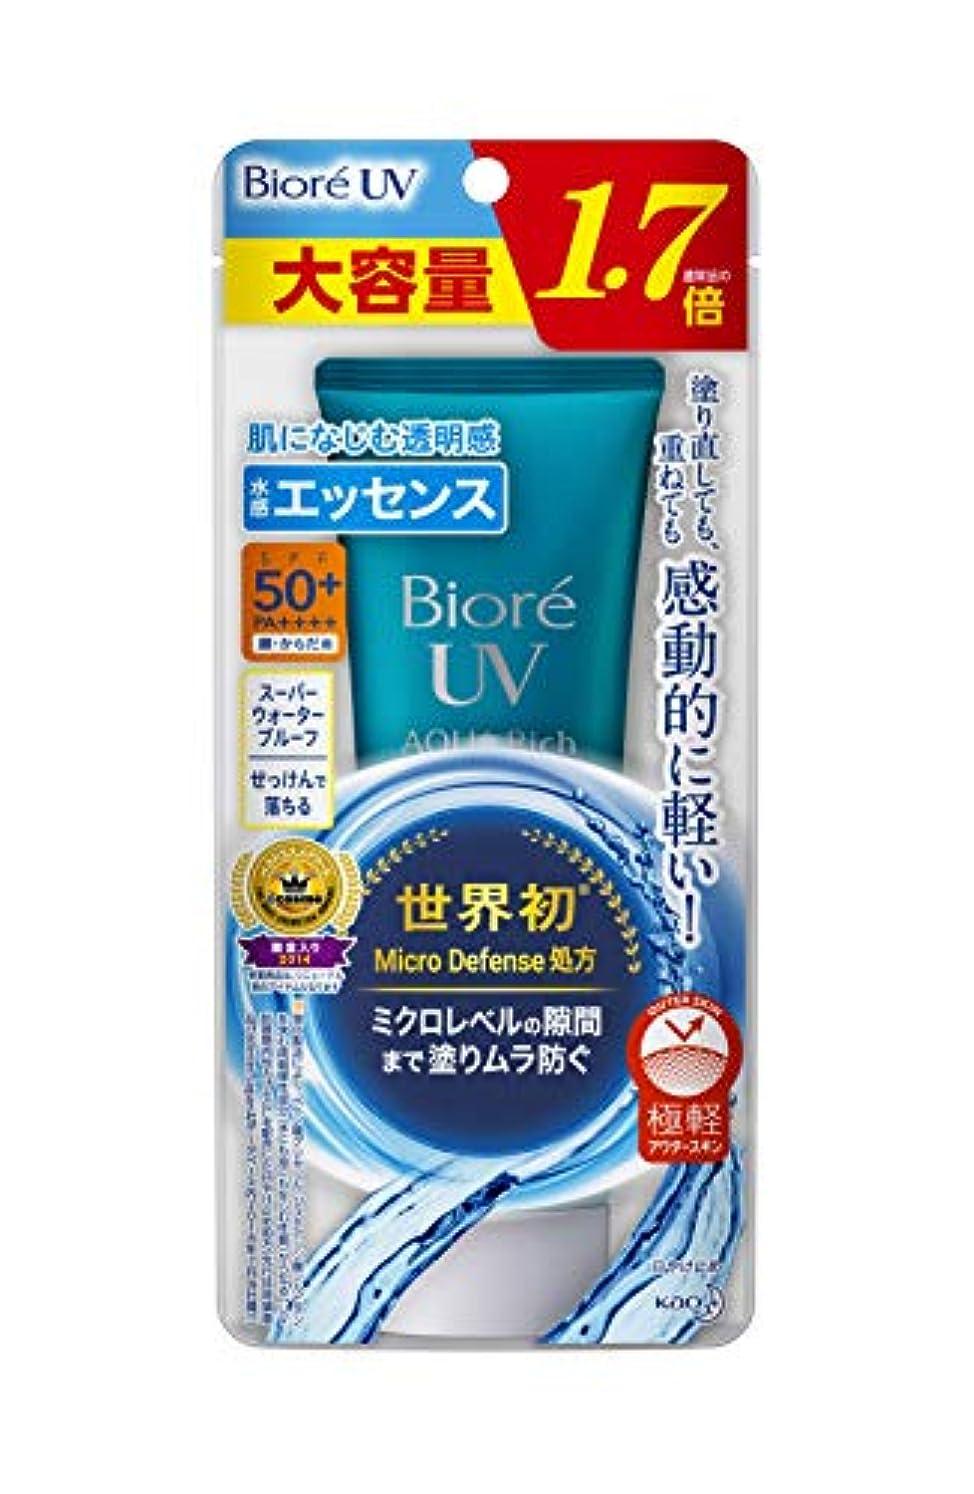 バルコニードレインコイン【大容量】 ビオレUV アクアリッチ ウォータリエッセンス 85g (通常品の1.7倍) 日焼け止め SPF50+/PA++++